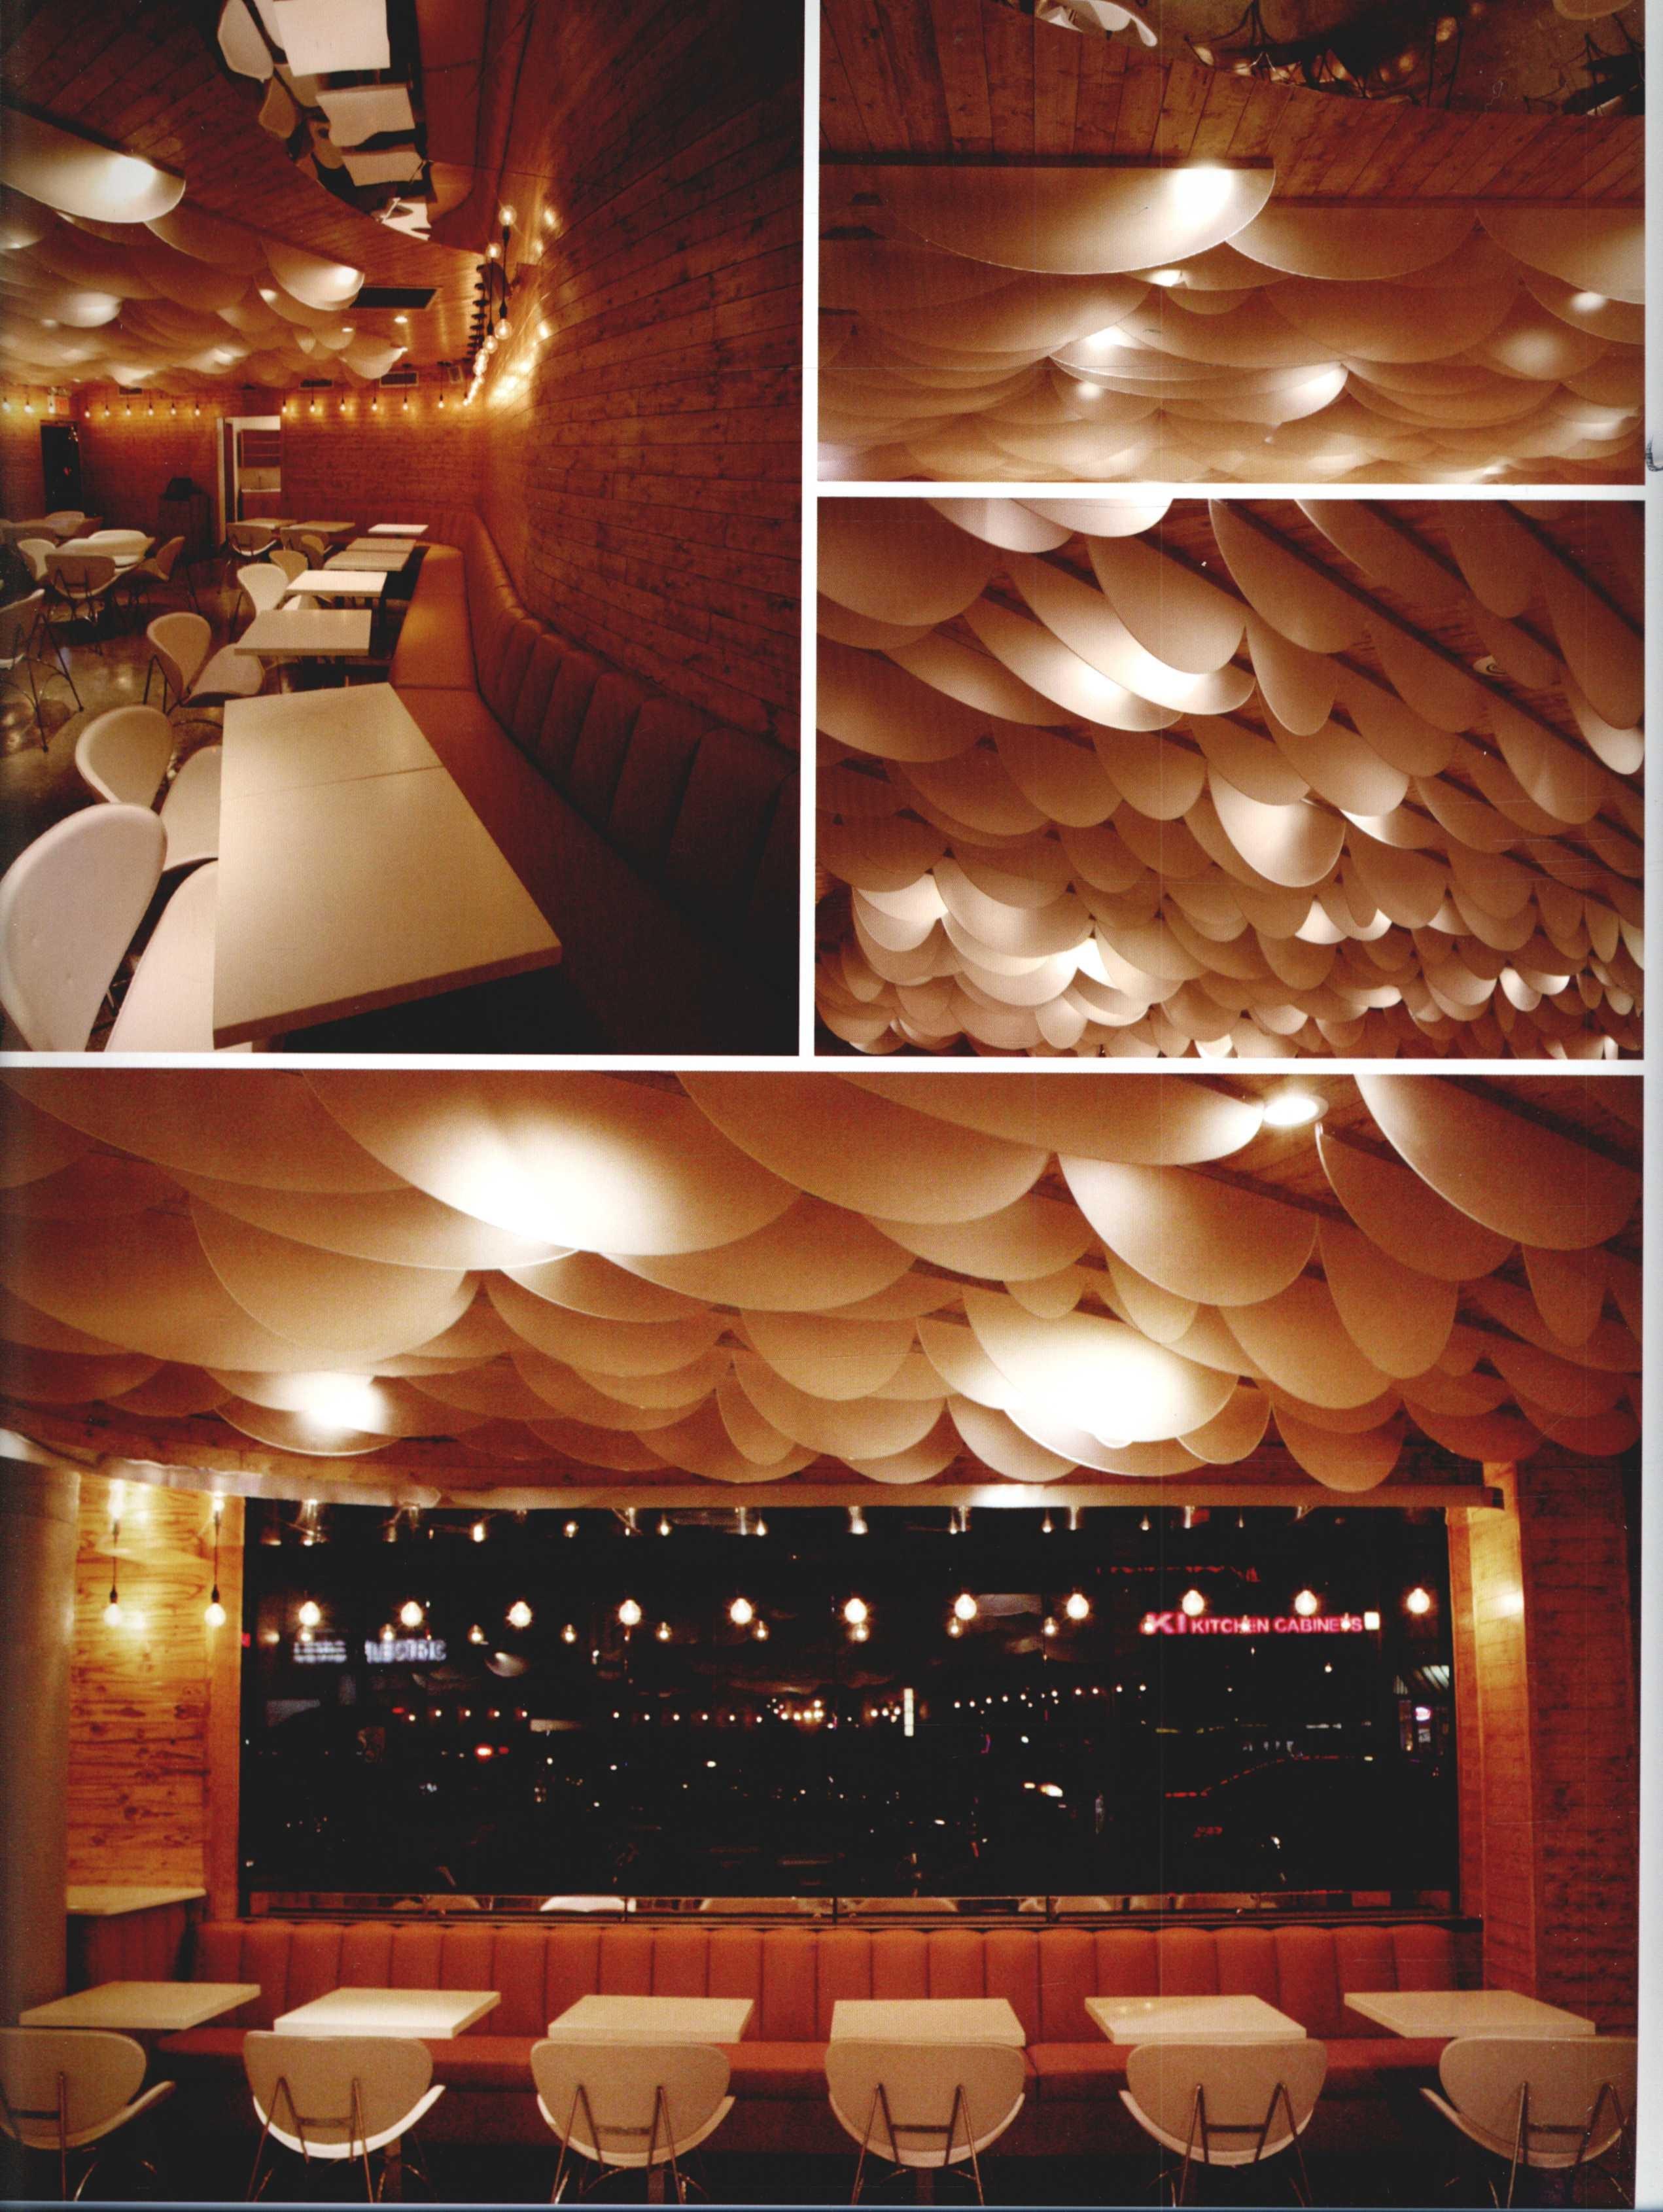 2012全球室内设计年鉴  餐饮_Page_054.jpg